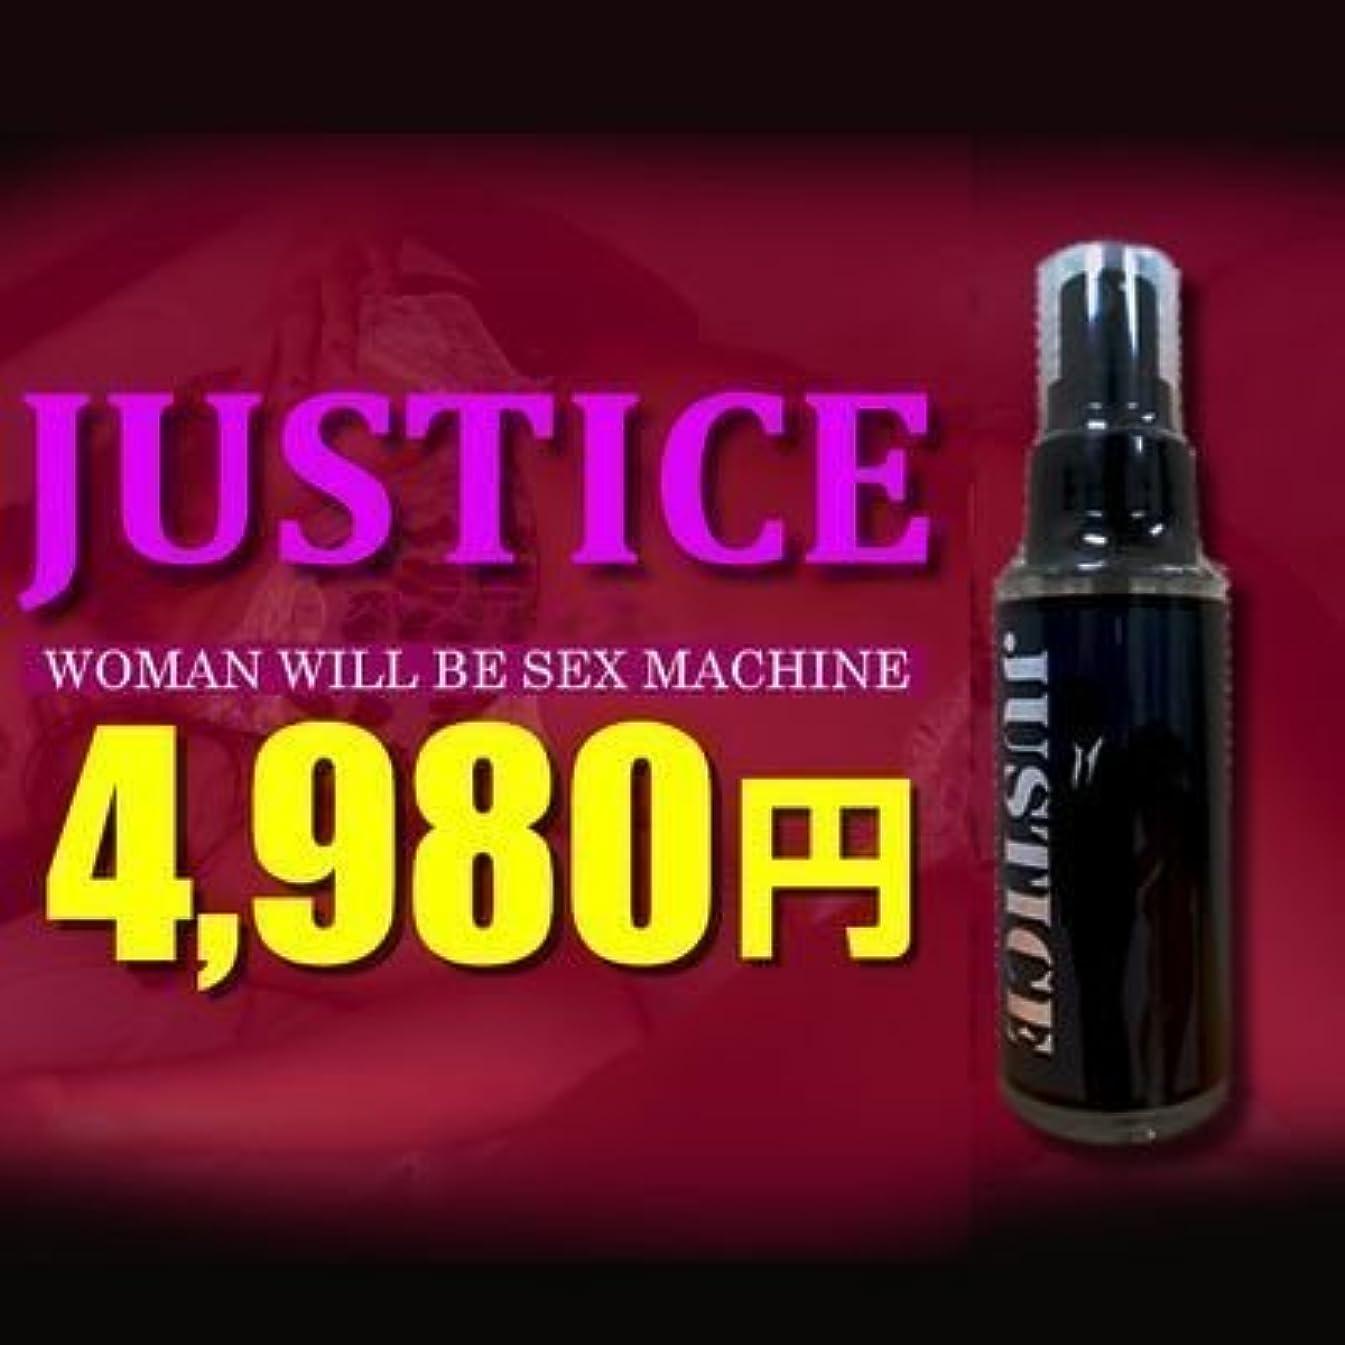 生き返らせる説得力のある熱意Justice ジャスティス